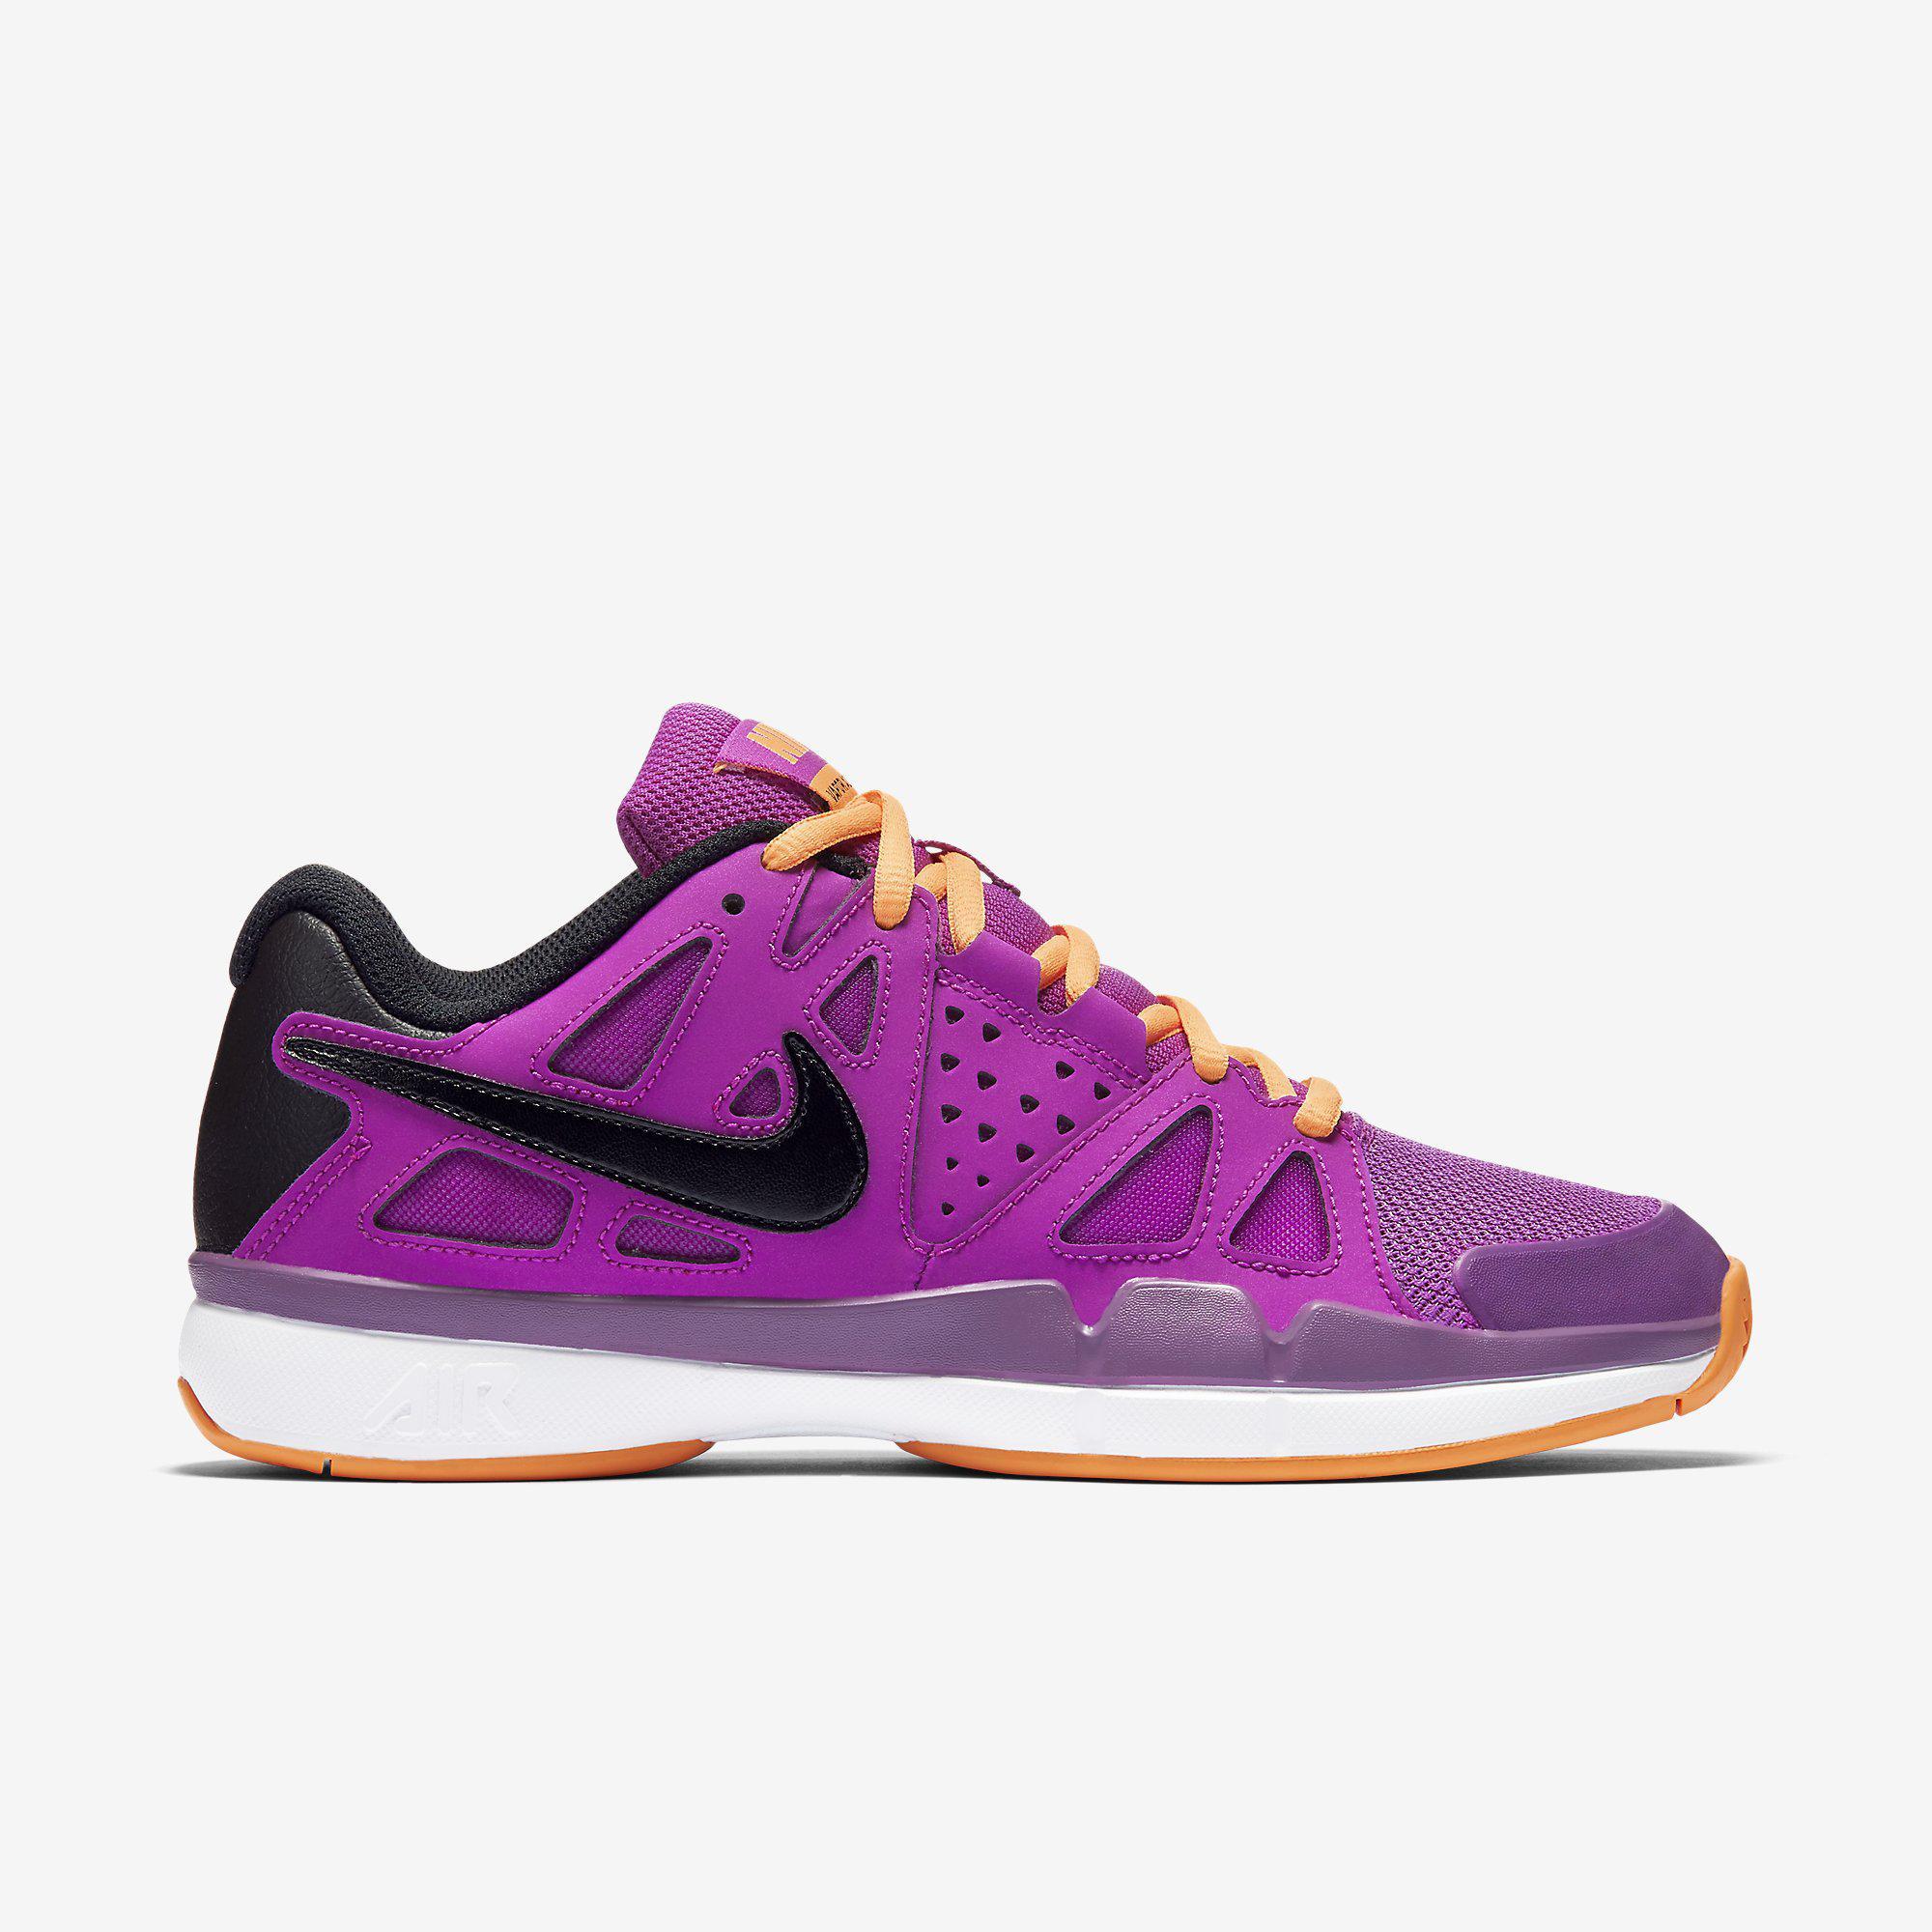 Nike Womens Air Vapor Advantage Tennis